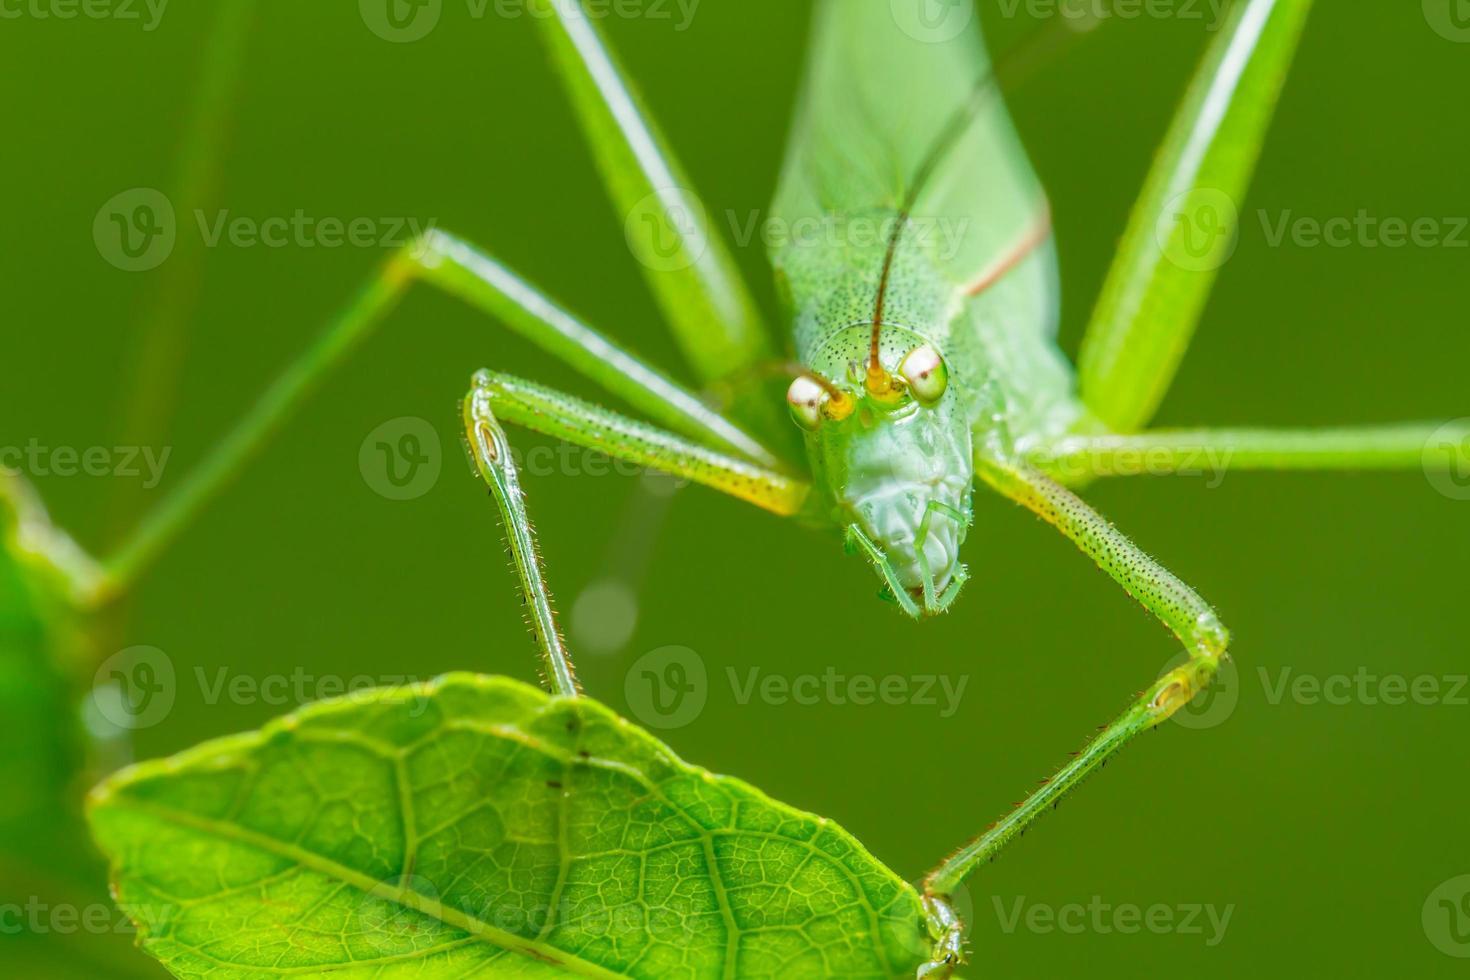 konstig gräshoppa foto